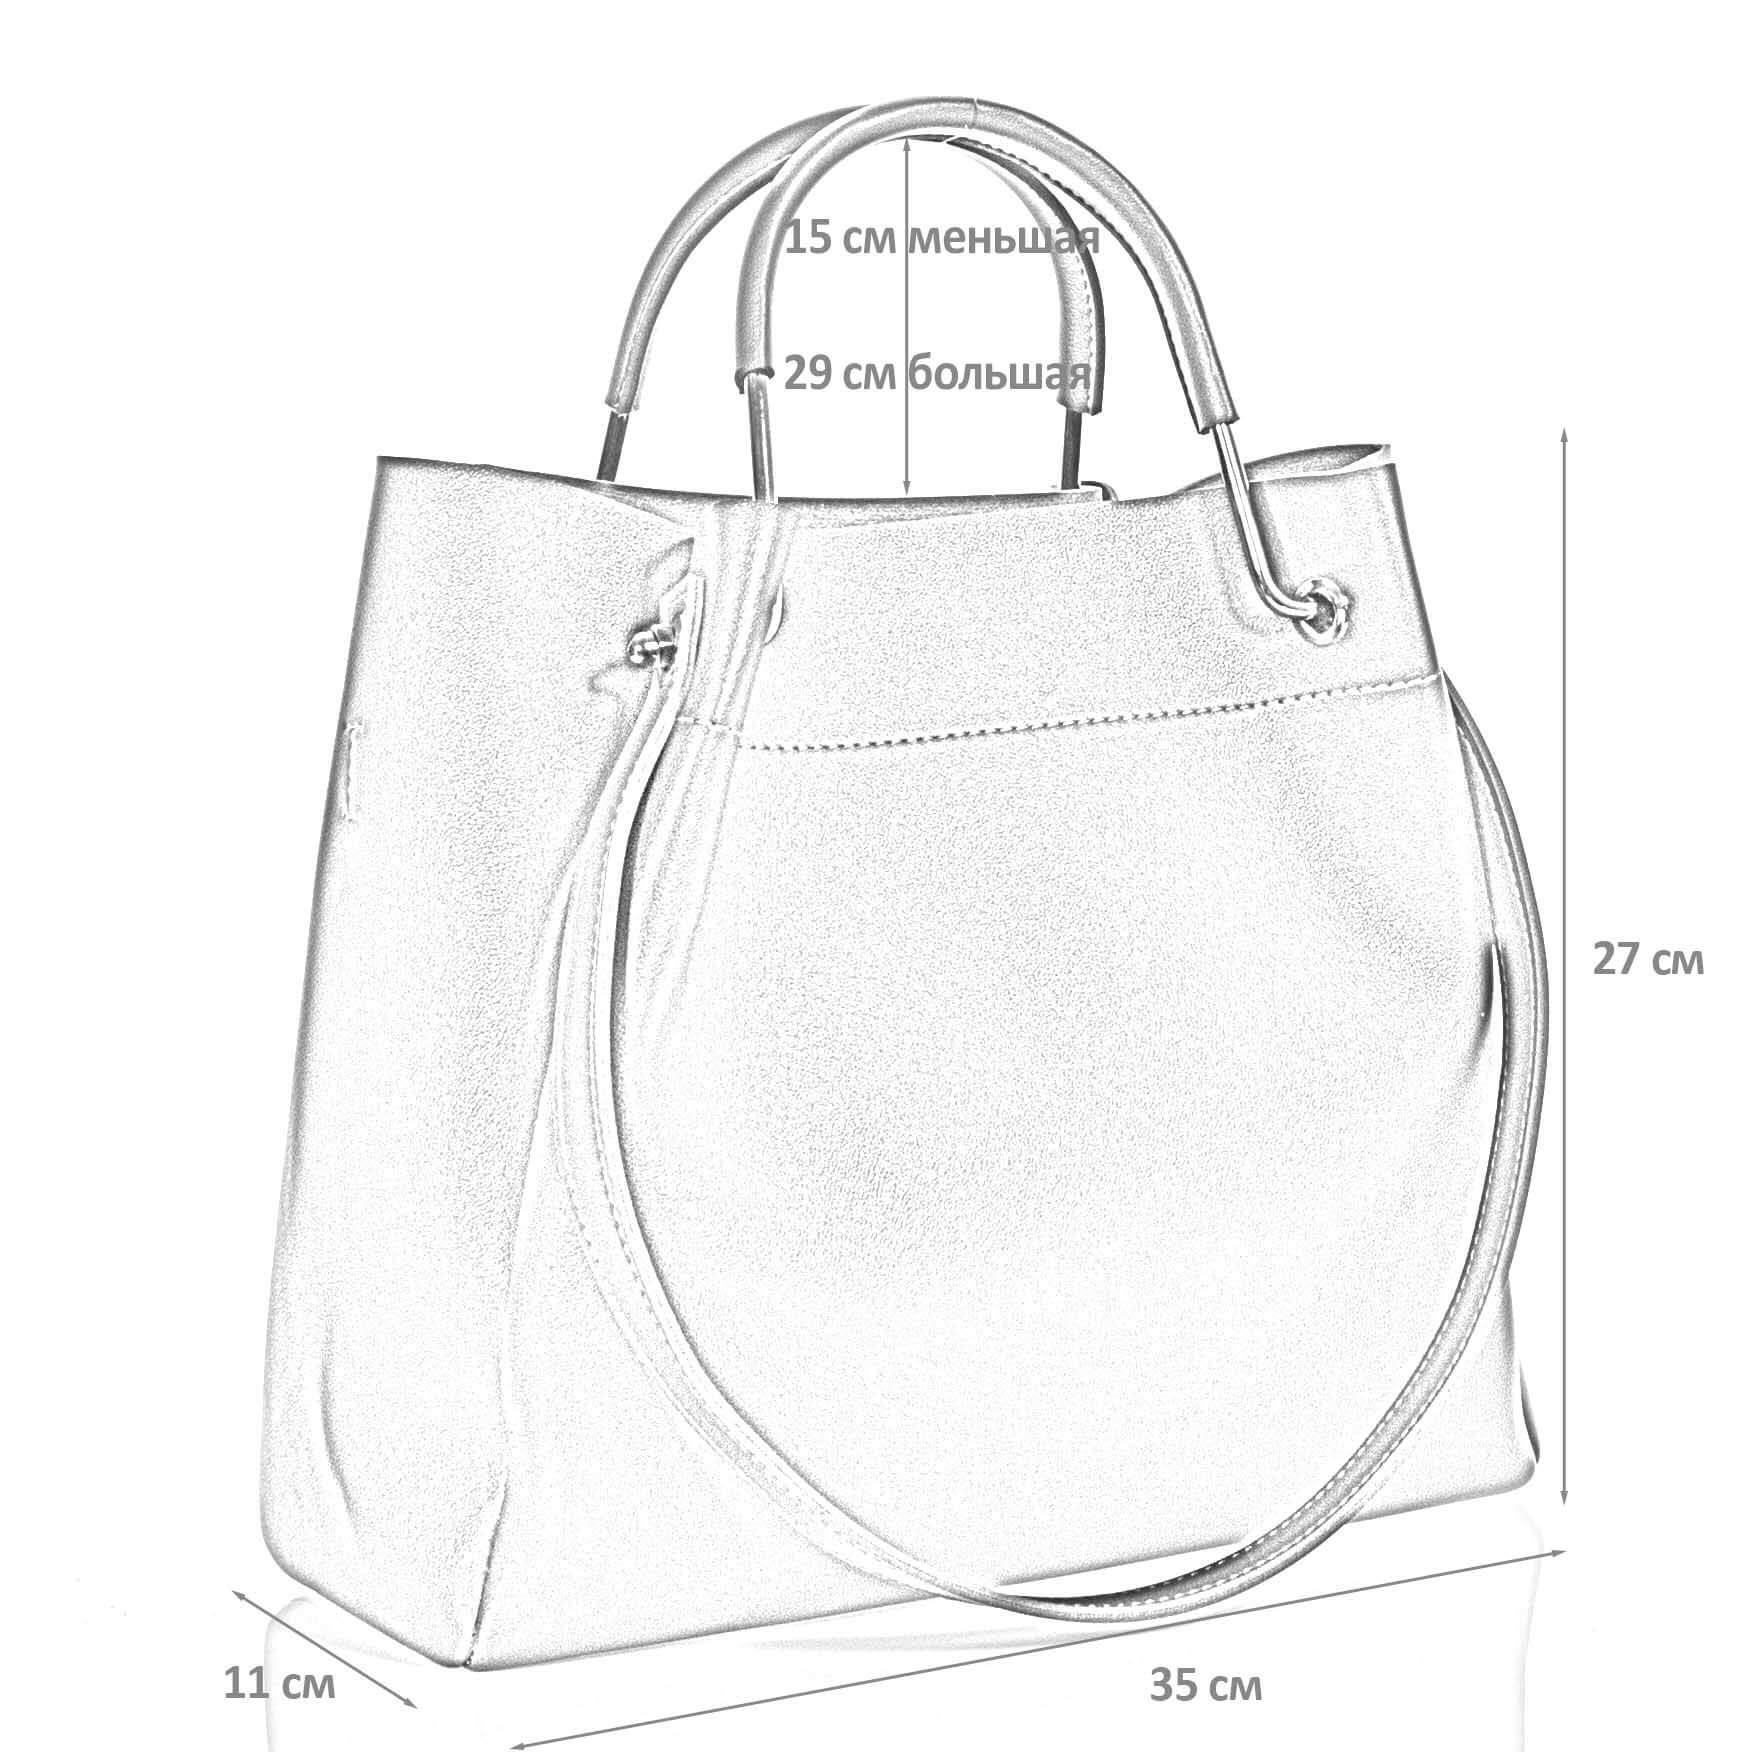 Размеры женской сумки из эко кожи Айгуль